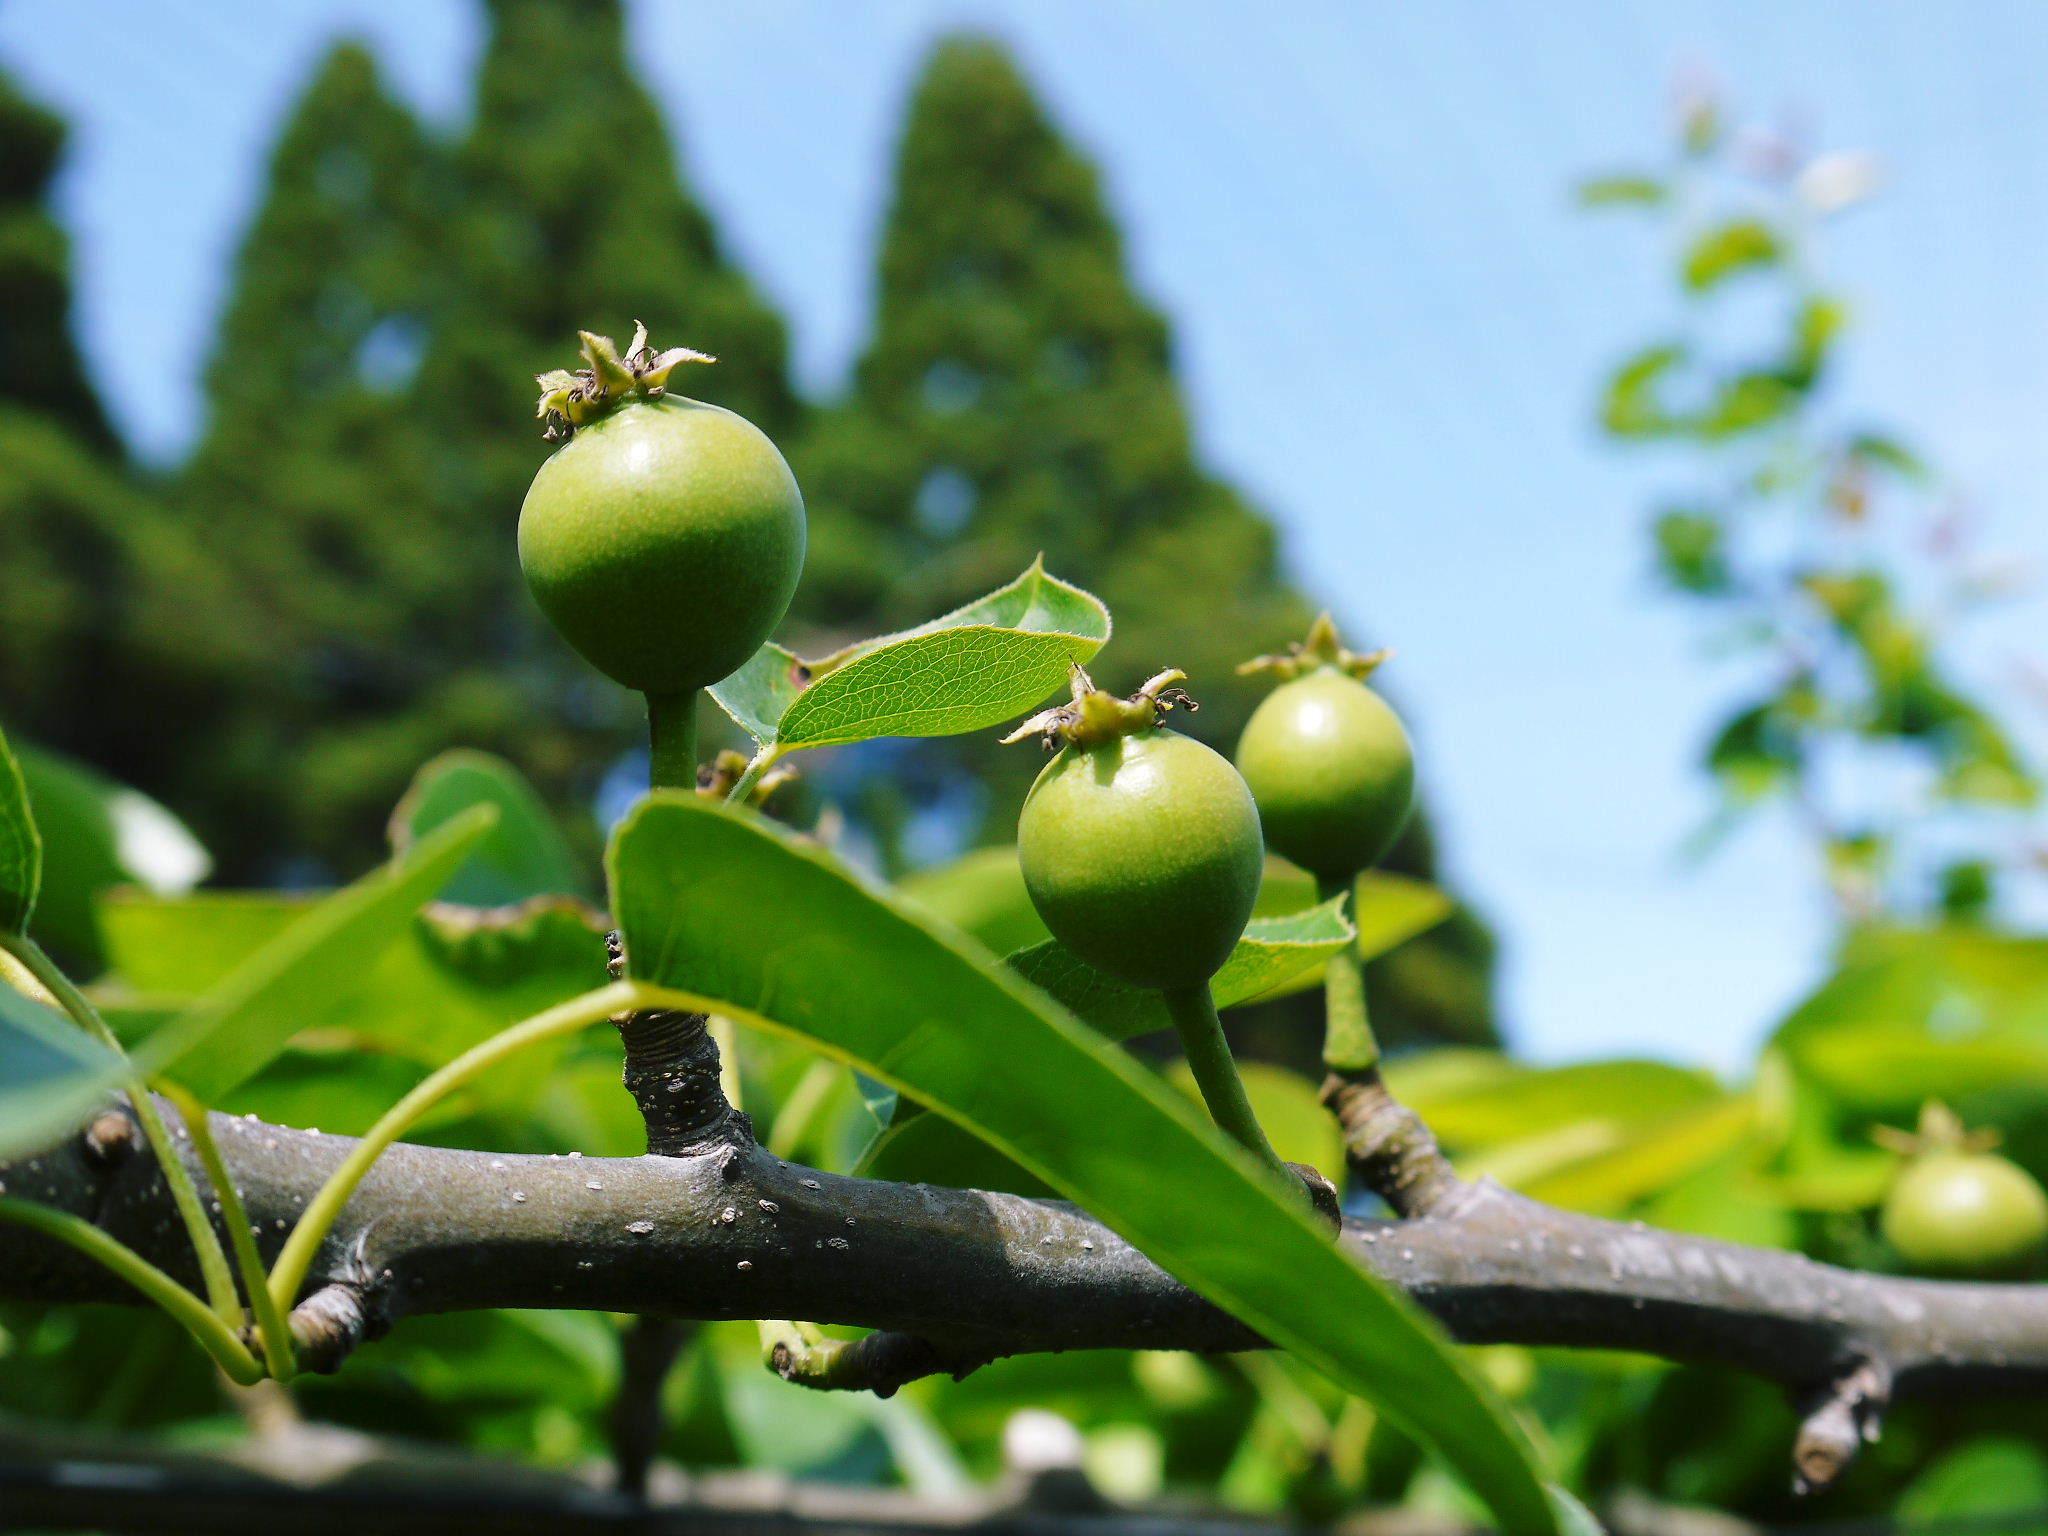 熊本梨 本藤果樹園 令和2年も7月下旬からの出荷に向け、匠の摘果作業がスタートしてます!_a0254656_18375544.jpg